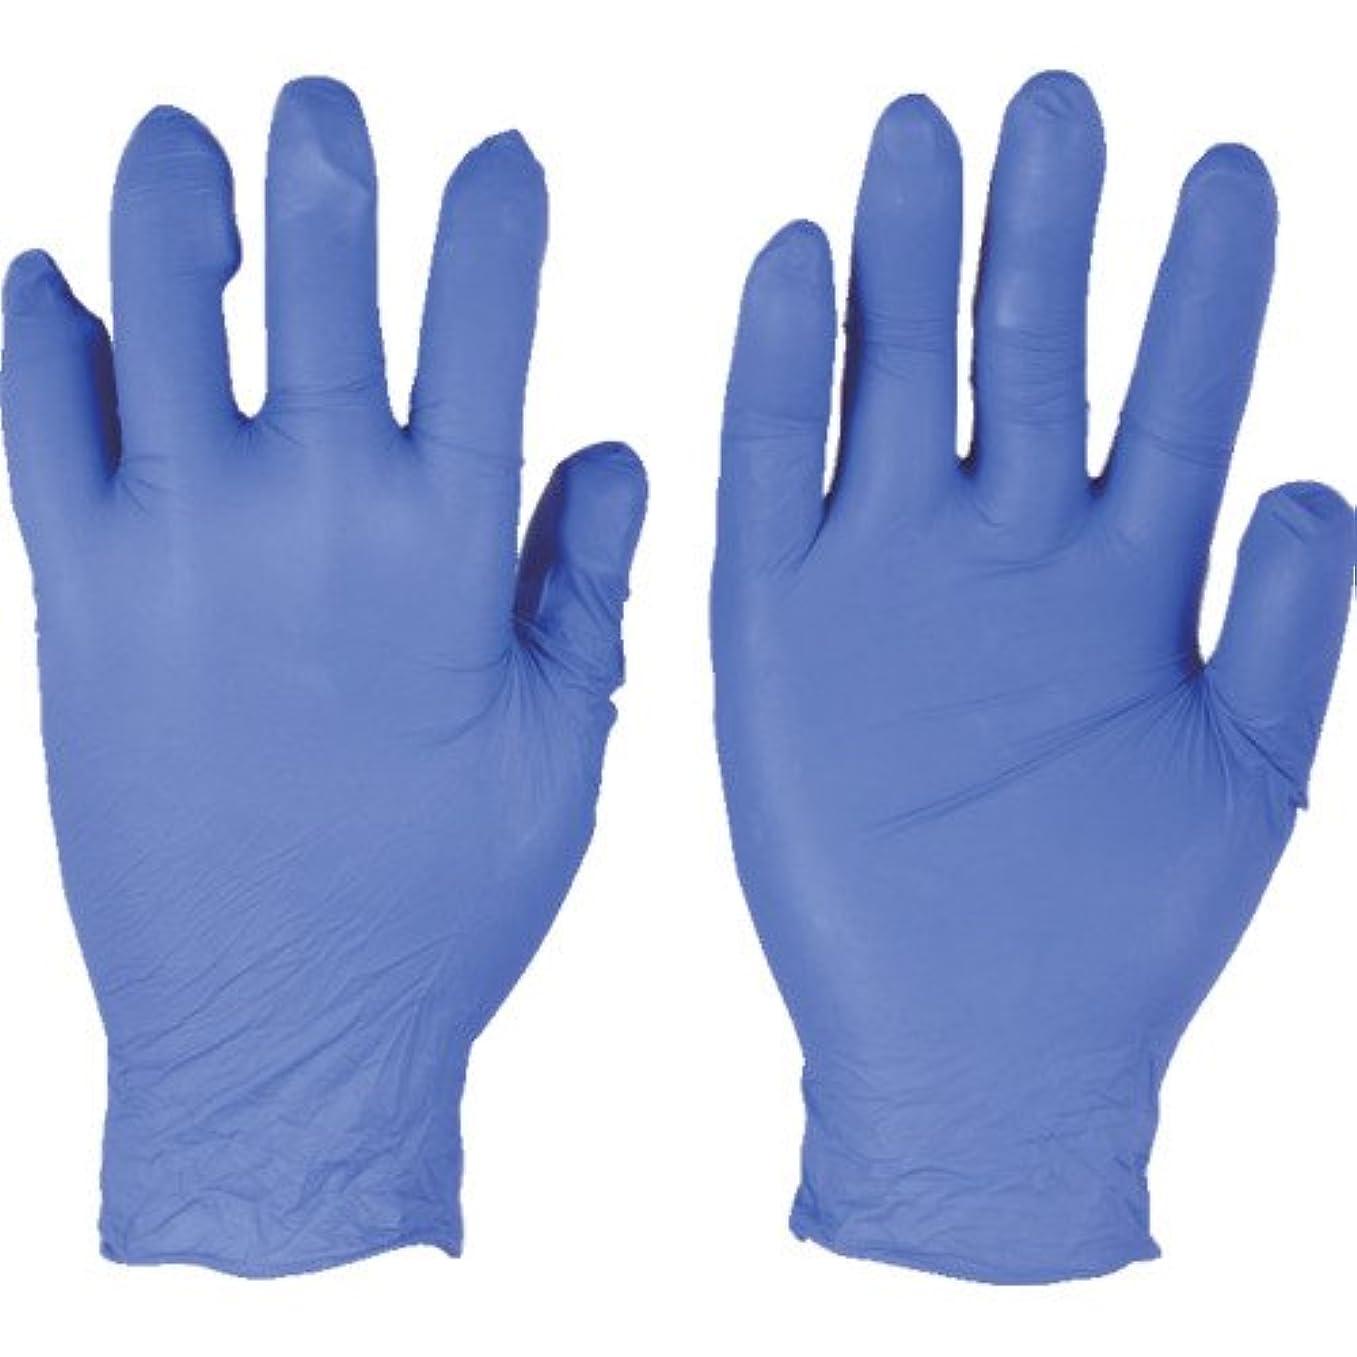 統合エトナ山突き刺すトラスコ中山 アンセル ニトリルゴム使い捨て手袋 エッジ 82-133 XLサイズ(250枚入)   8213310